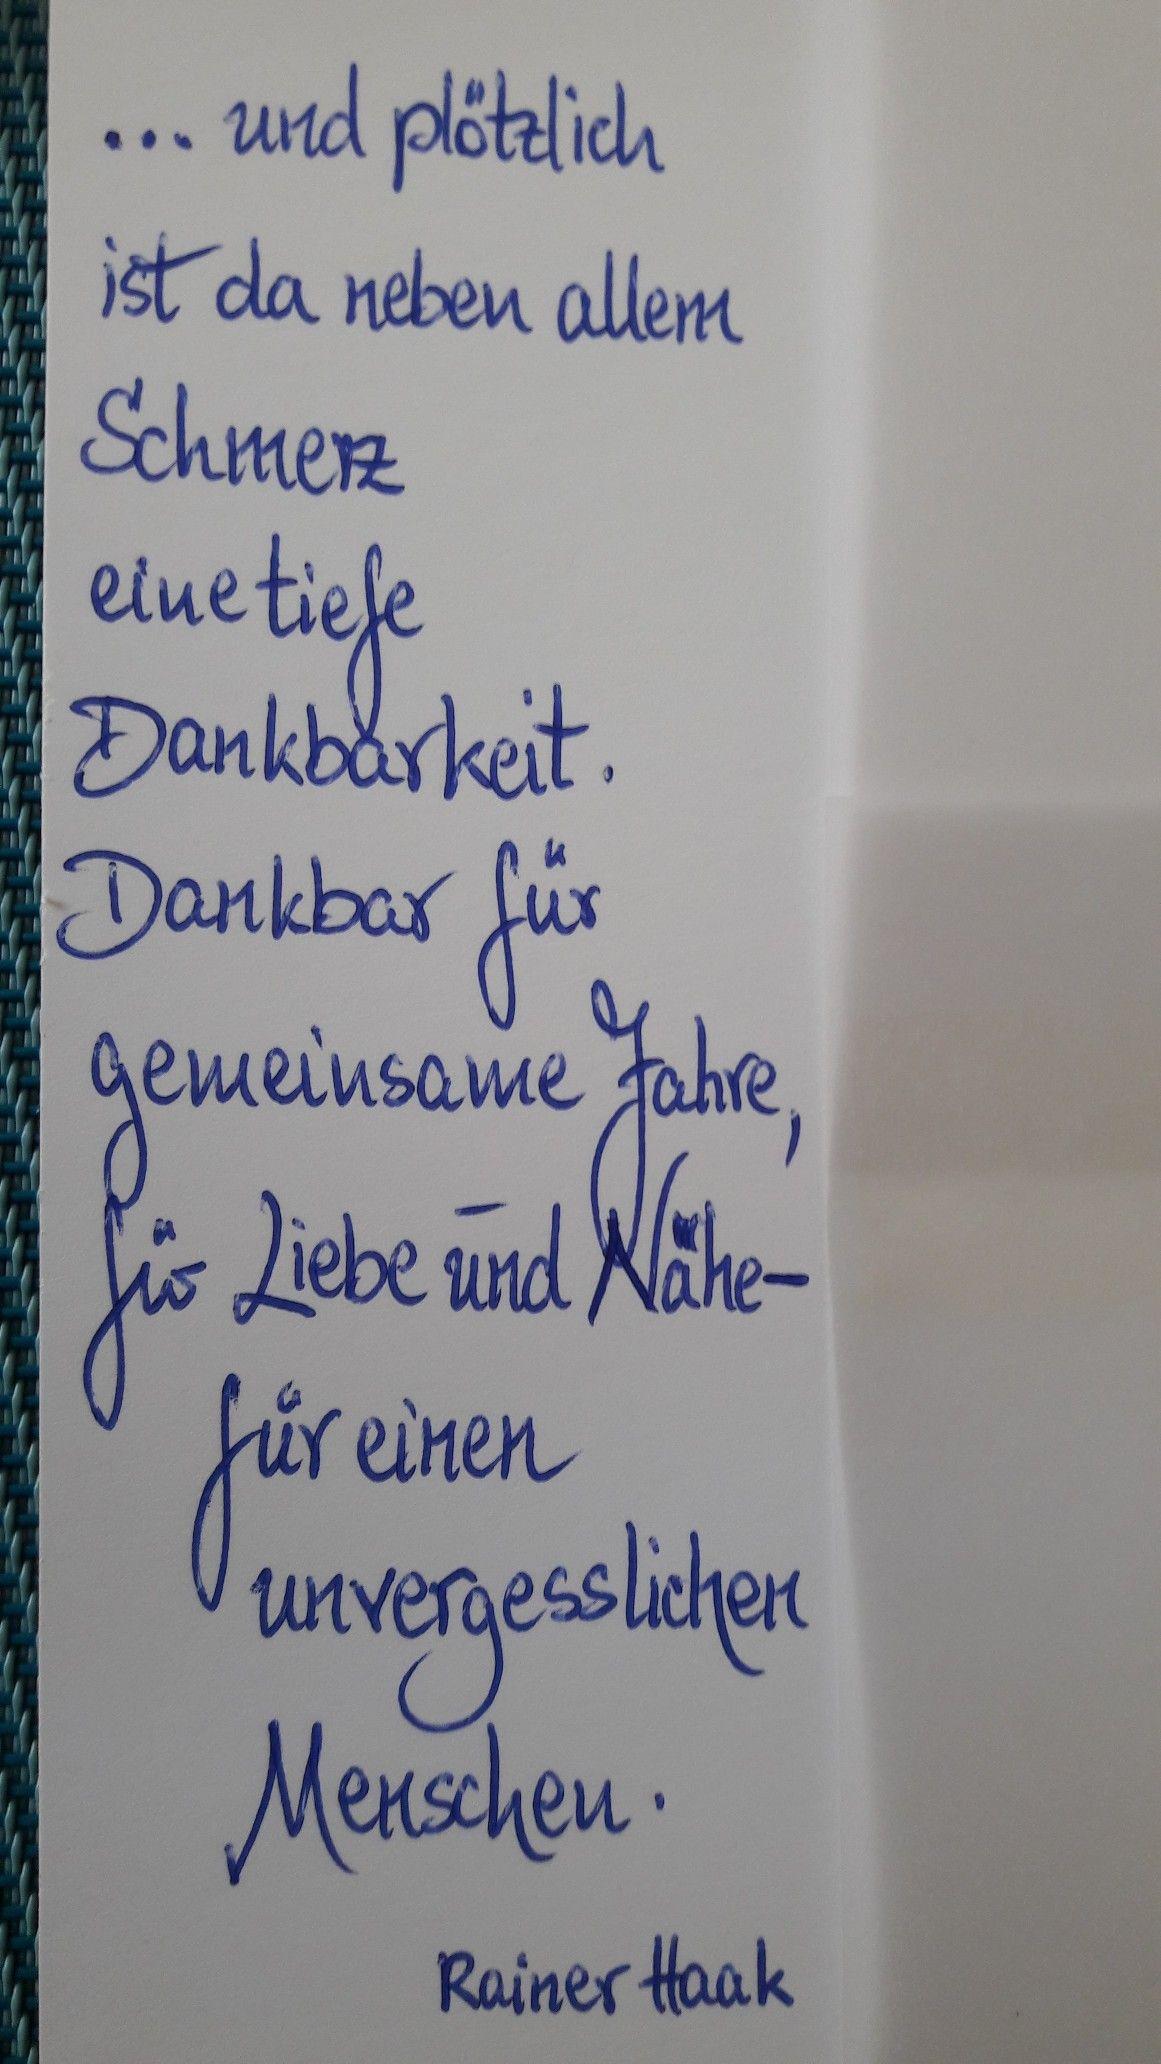 Pin Von Nicole Klein Auf Spruche Beileid Spruche Spruche Spruche Trauer